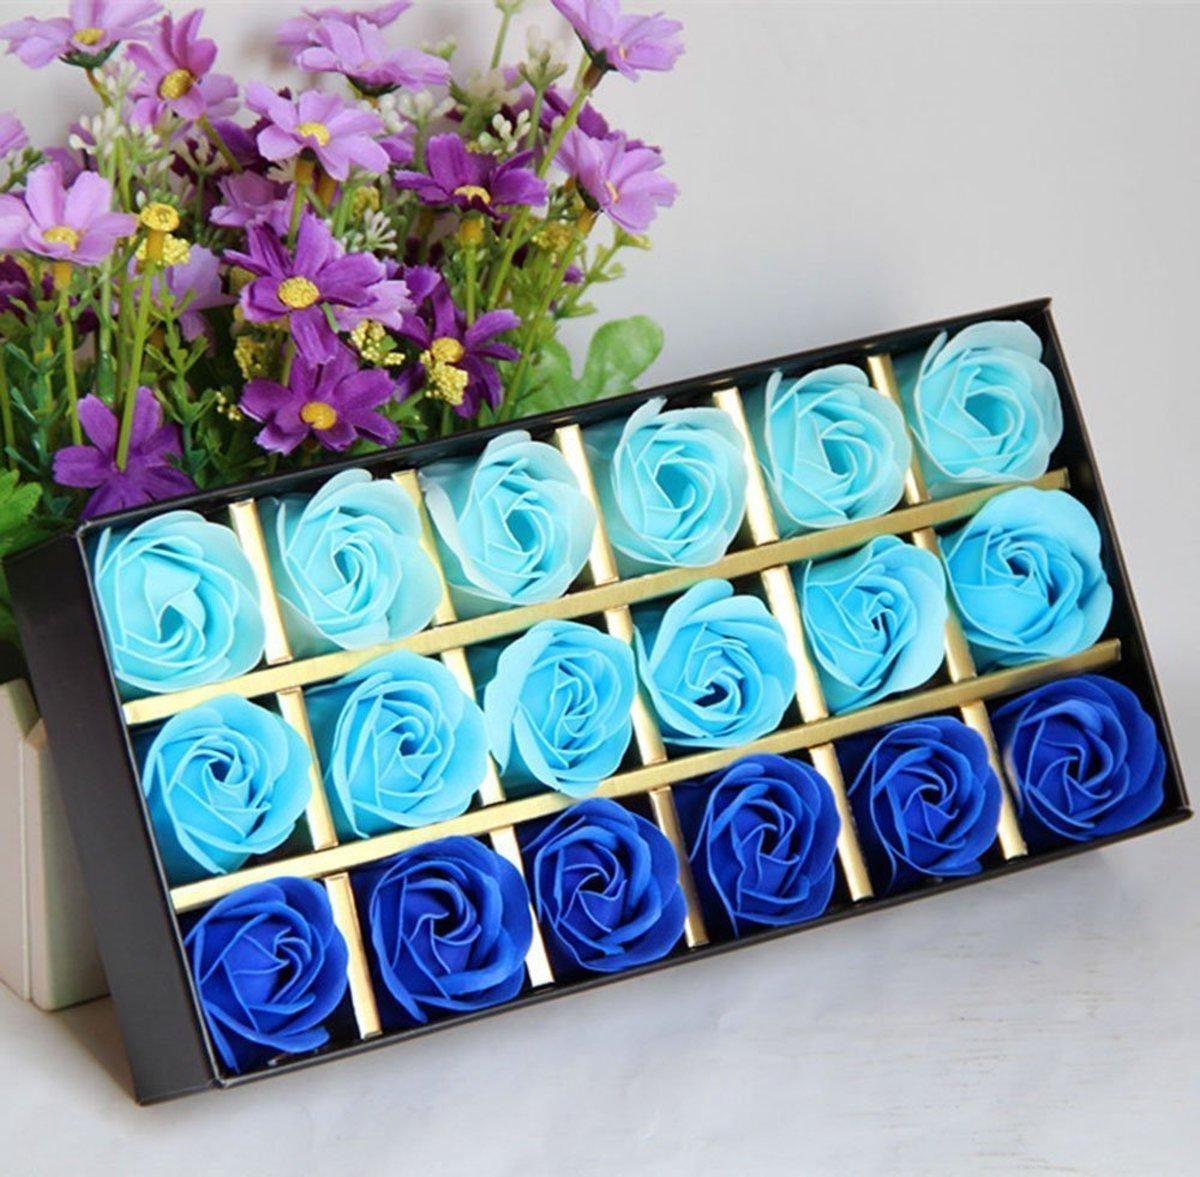 18 Rozen Zeepjes Blauw | Origineel Cadeau voor haar, perfect cadeau voor valentijnsdag, verjaardagen kopen